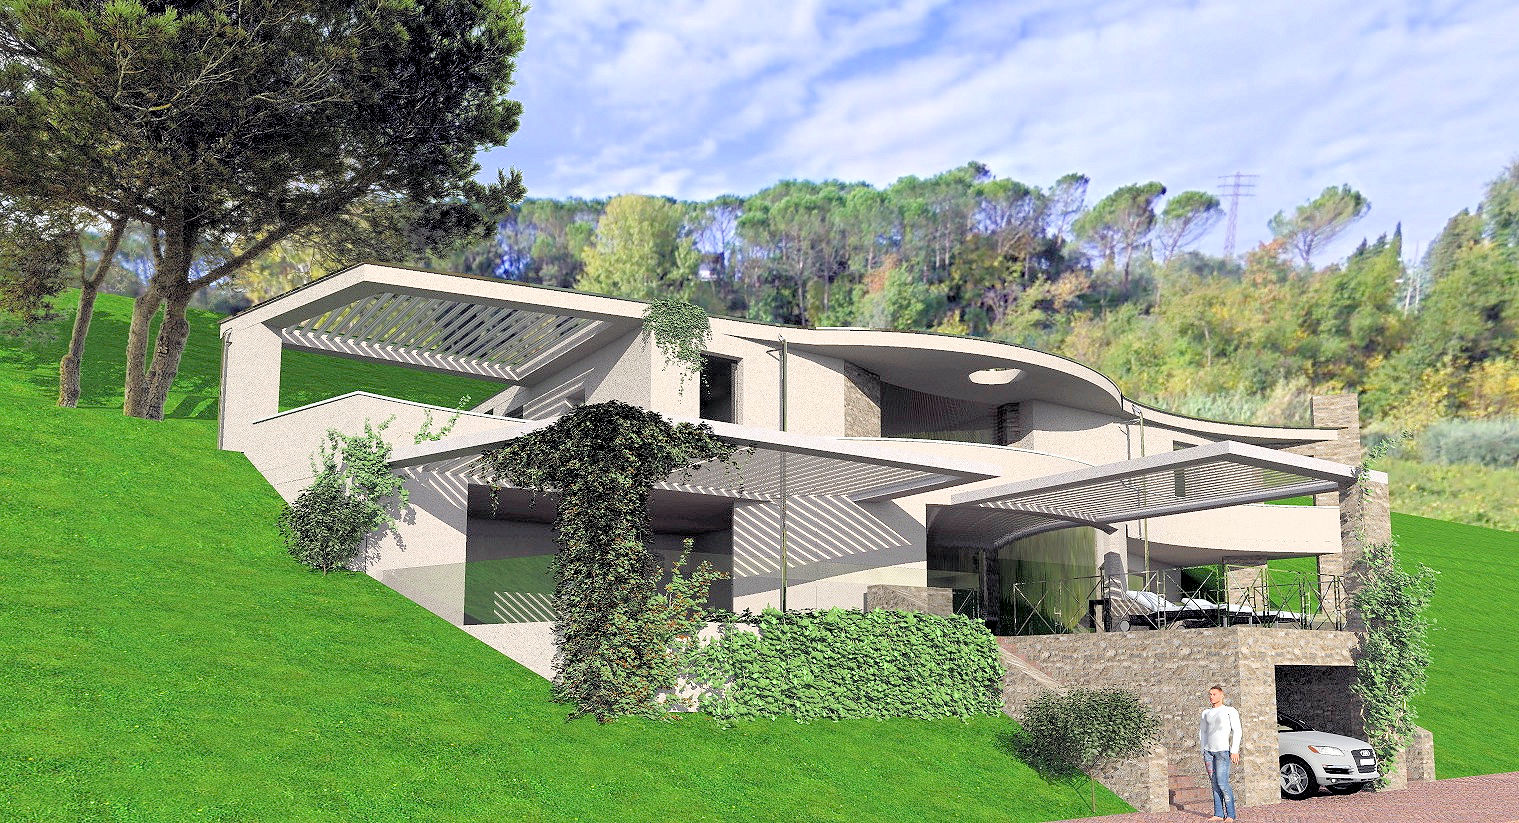 Terreno Edificabile Residenziale in vendita a Buggiano, 9999 locali, zona Località: BorgoaBuggiano, prezzo € 159.000 | Cambio Casa.it